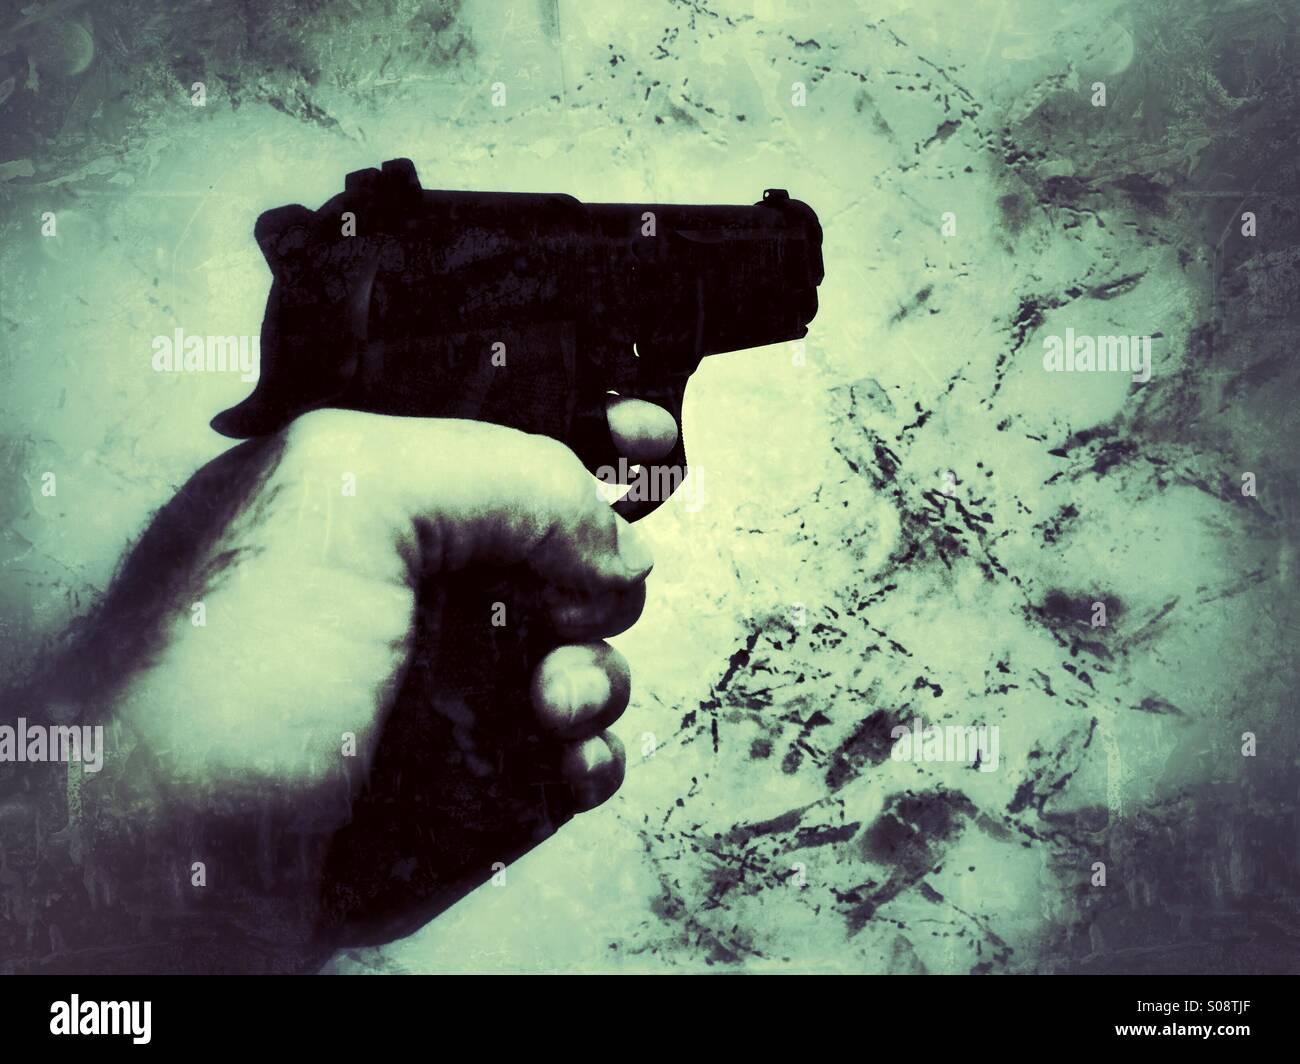 Mann mit einer Pistole schießen Stockbild